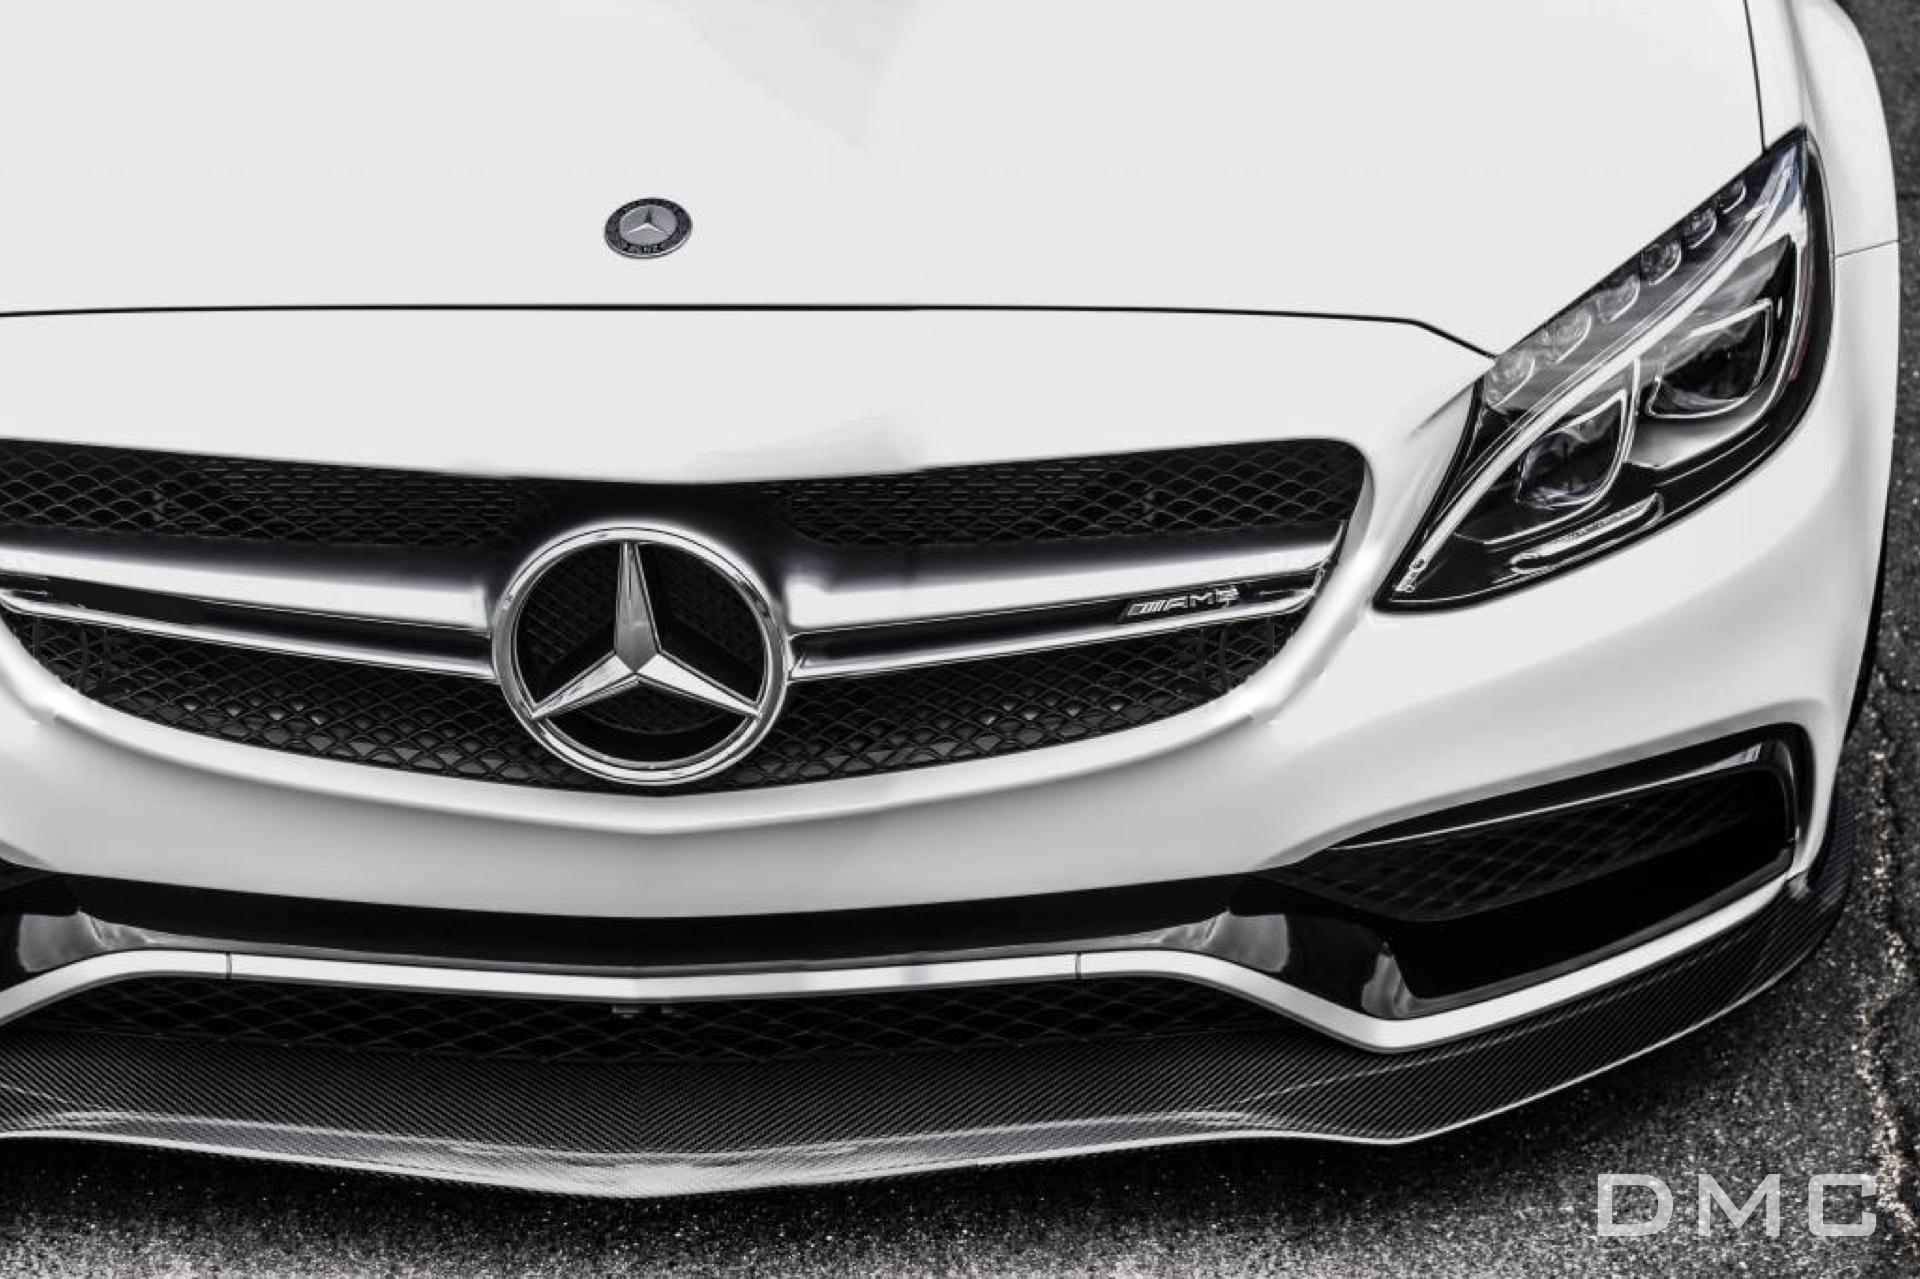 Mercedes Benz Coupe W205 Amg C63 2015 2020 Carbon Fiber Front Lip Dmc